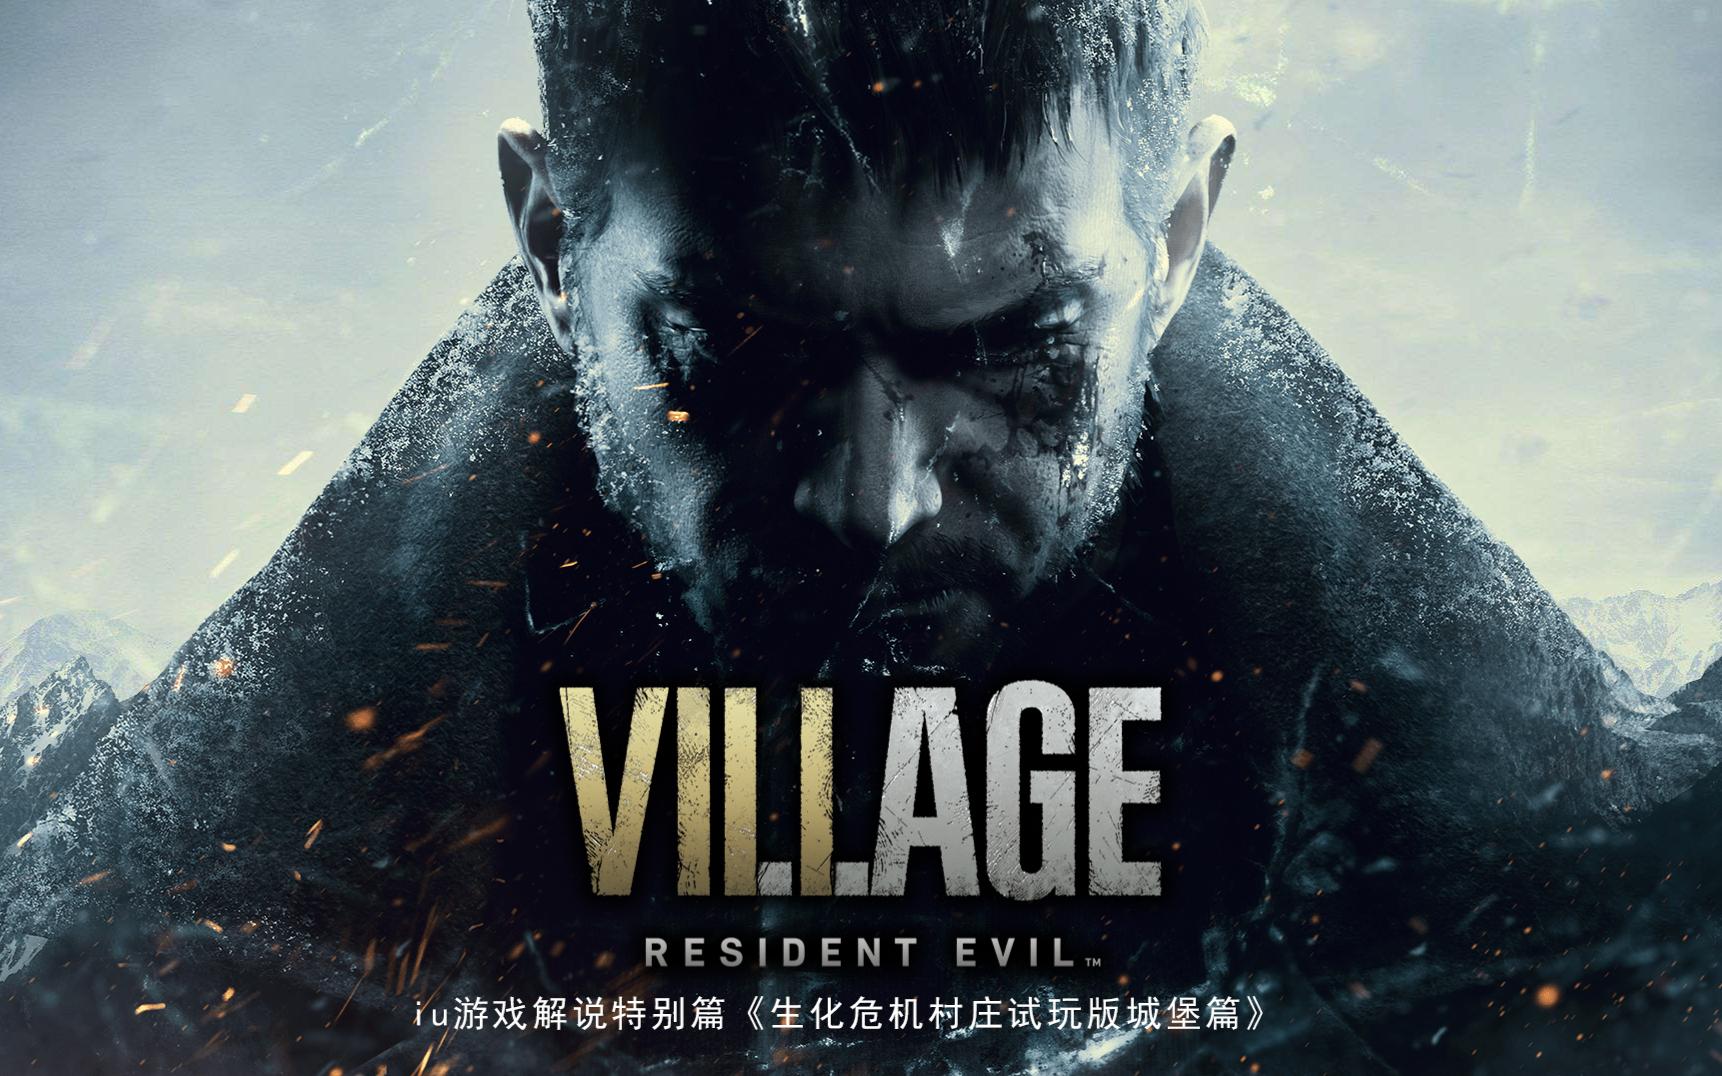 【出道616第二季】iu游戏解说特别篇《生化危机村庄试玩版城堡篇》